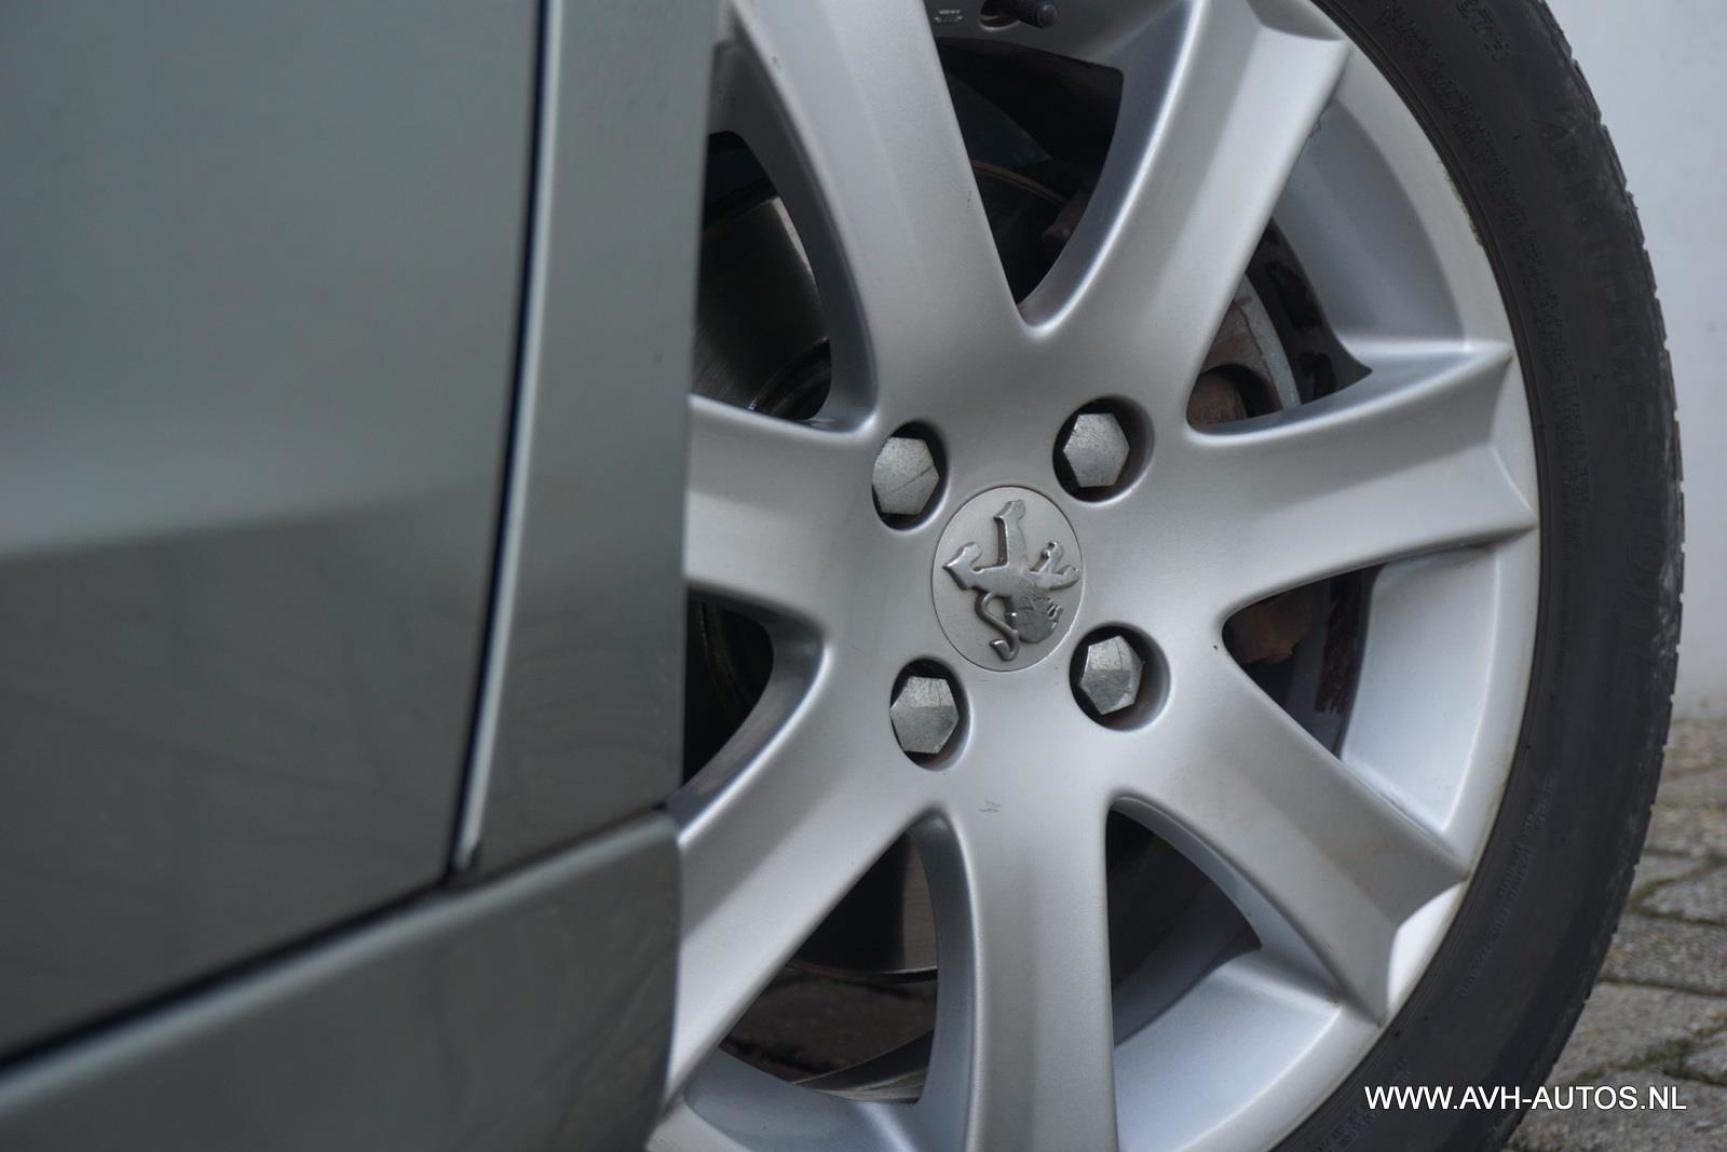 Peugeot-207-11